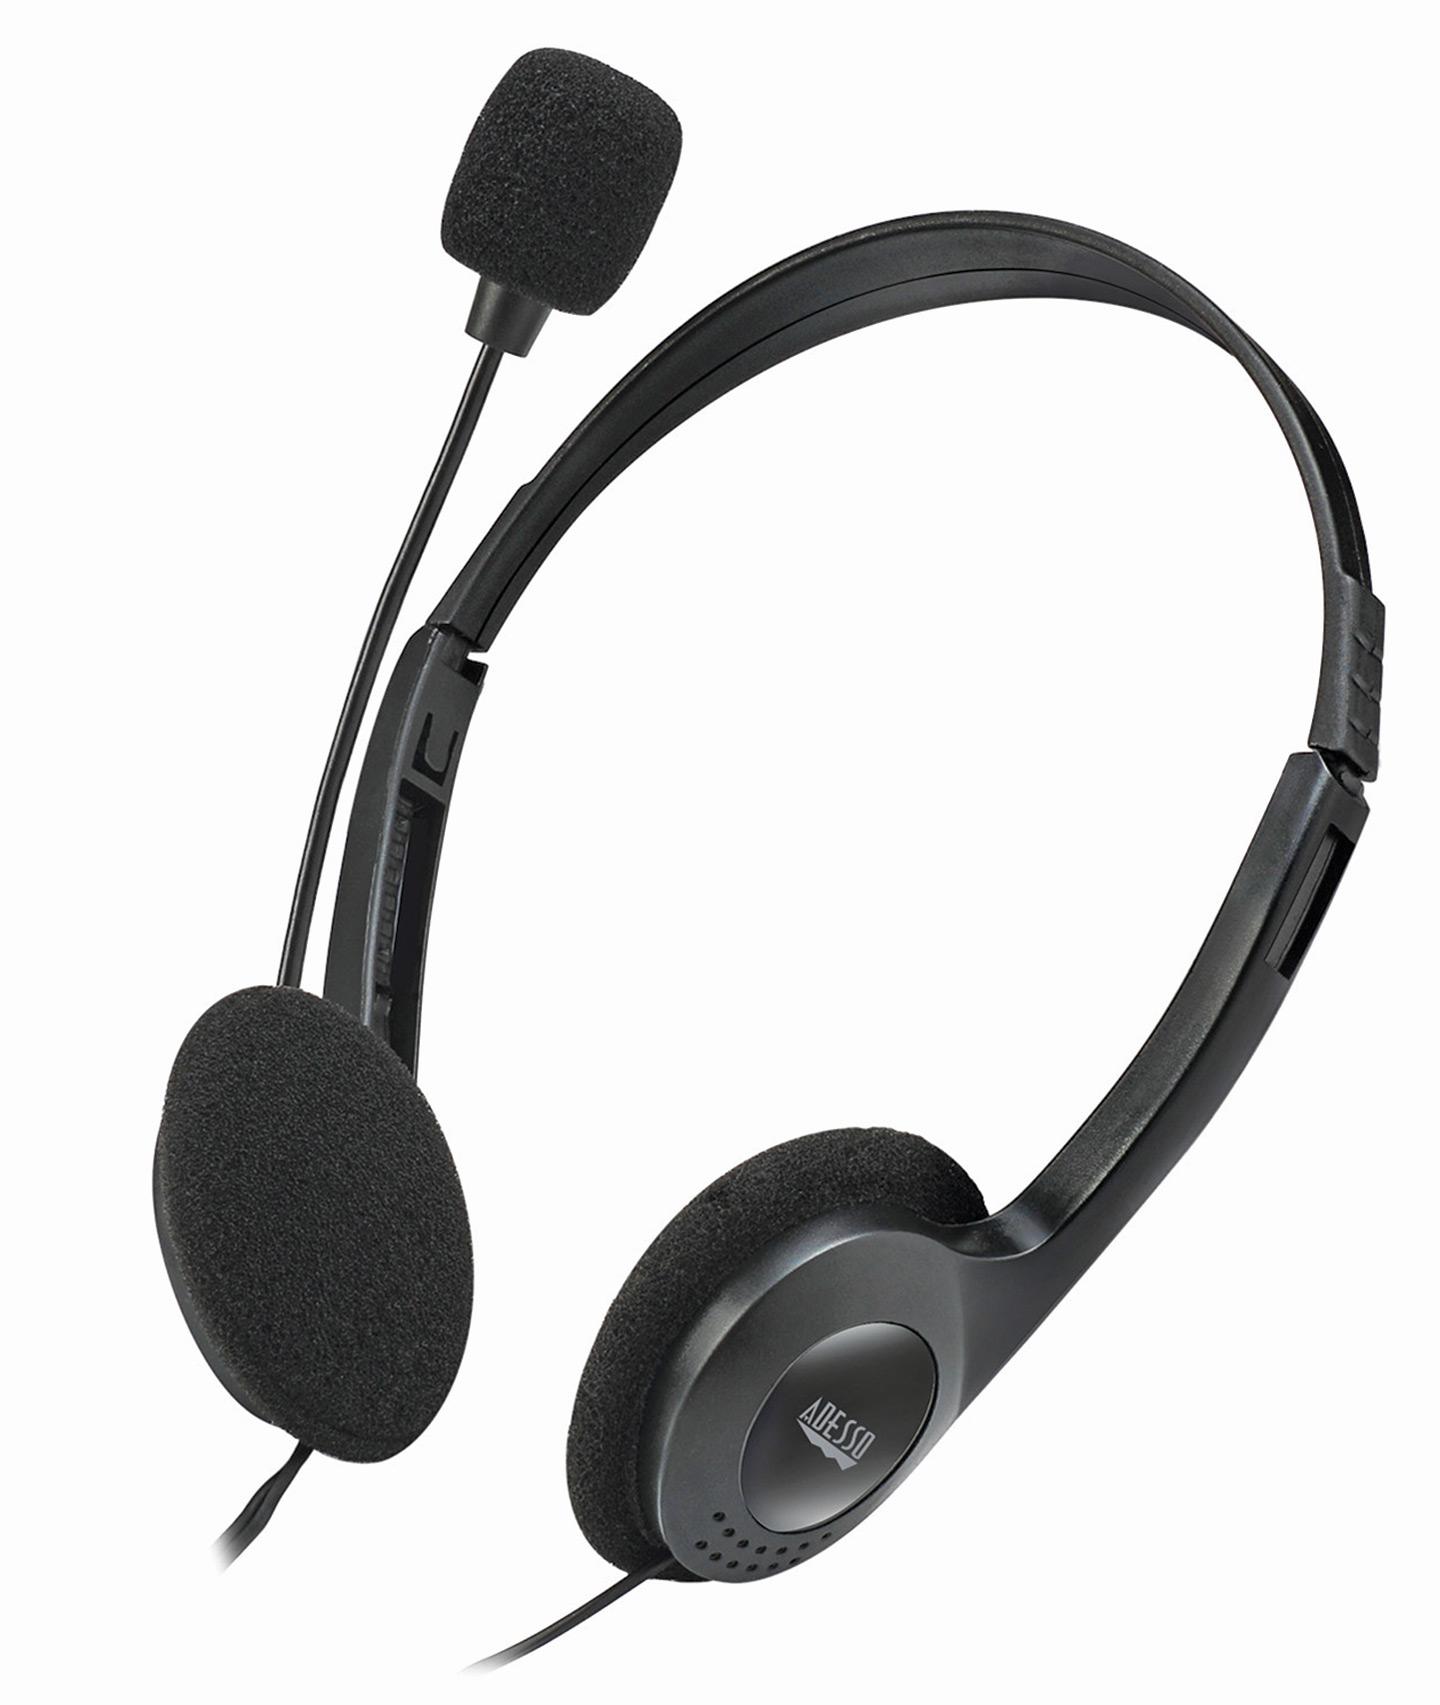 Xtream H4 Auriculares estéreo con micrófono